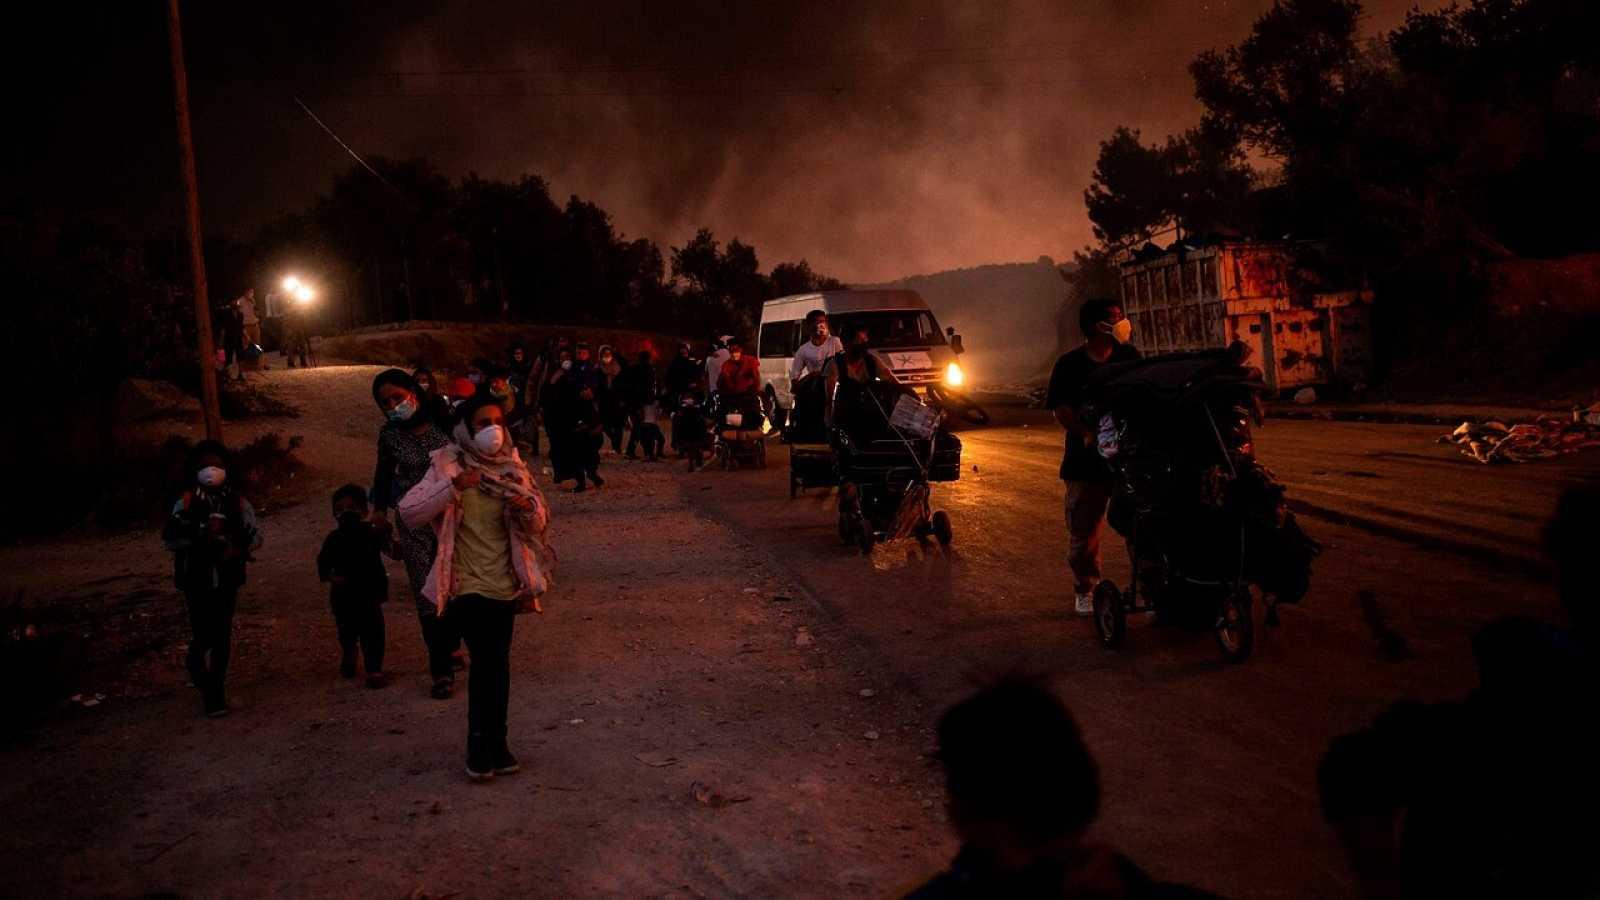 Un nuevo incendio vuelve a azotar el campo de refugiados de lesbos